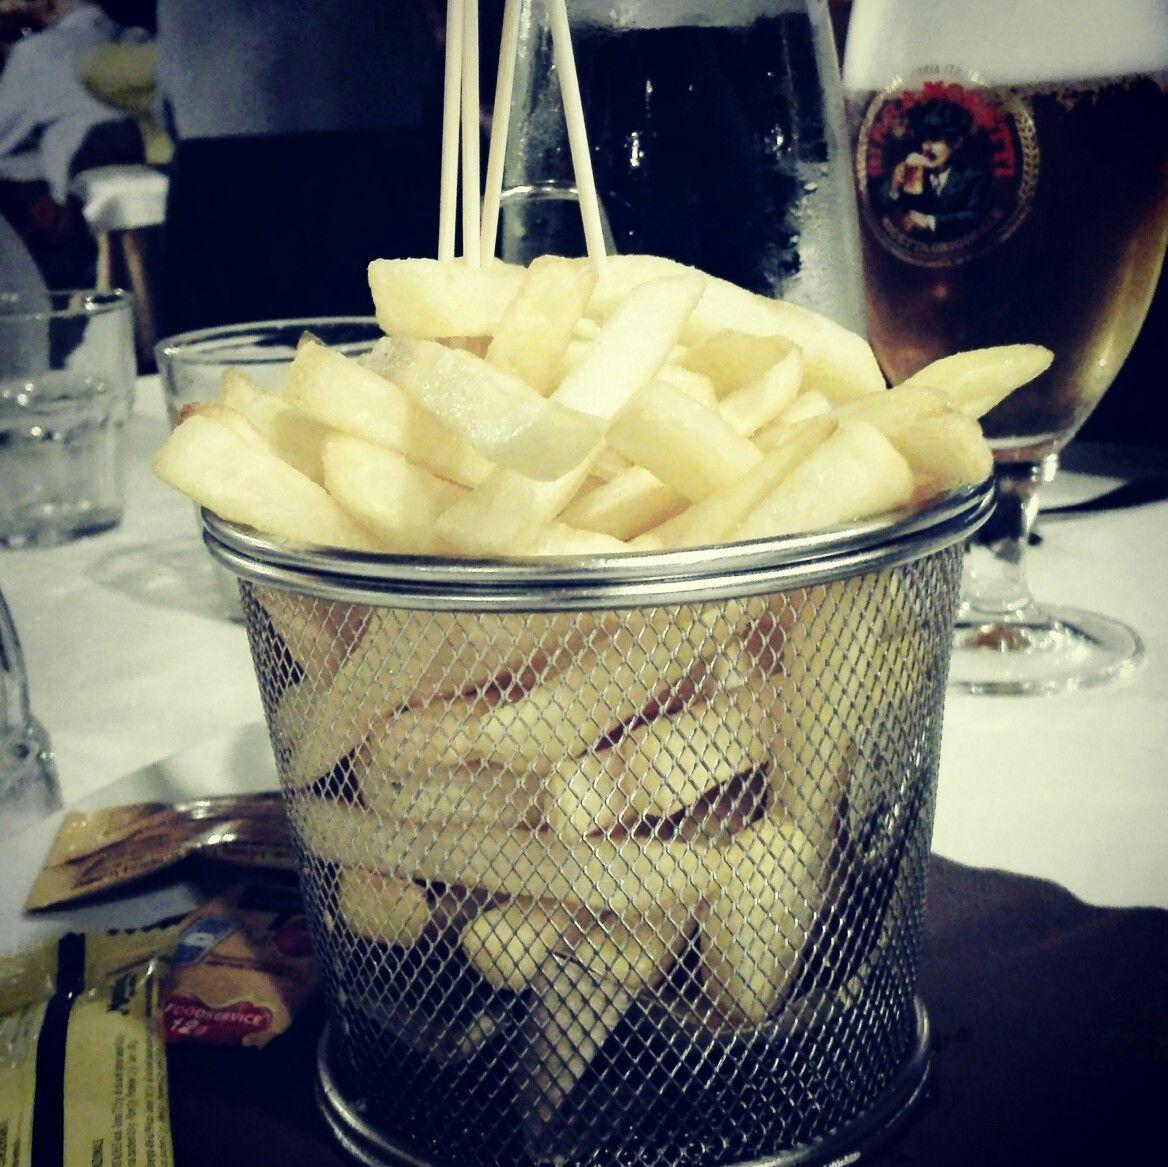 Chi mangia patate non muore mai ... .. ... ... .. ... #potatoes  ... .. ...  #blangiforti